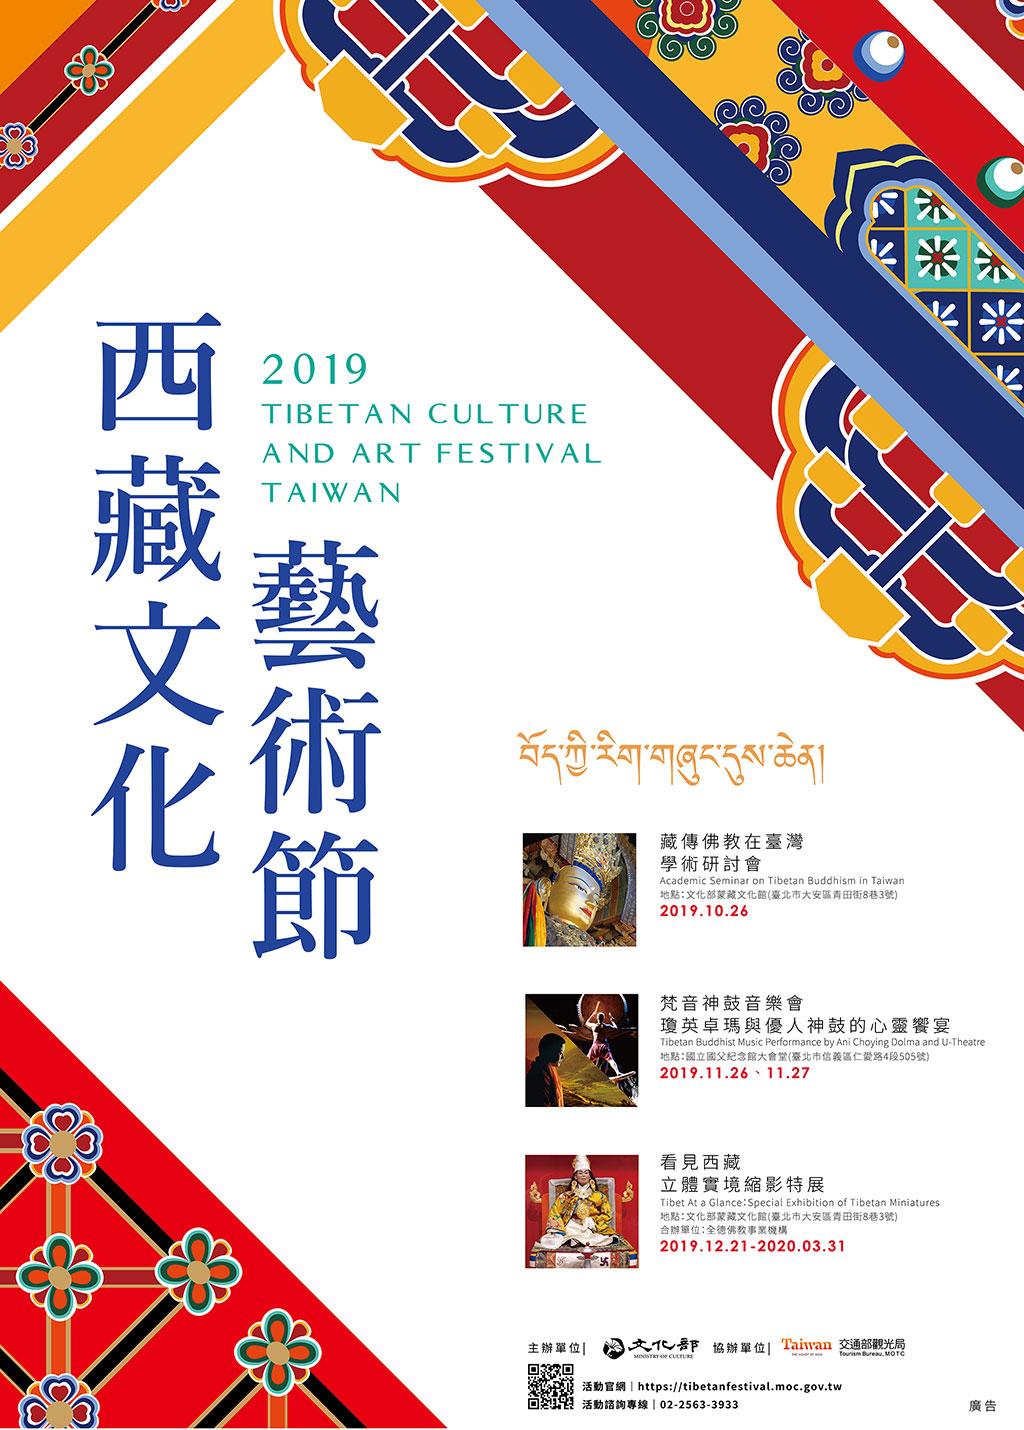 2019西藏文化藝術節